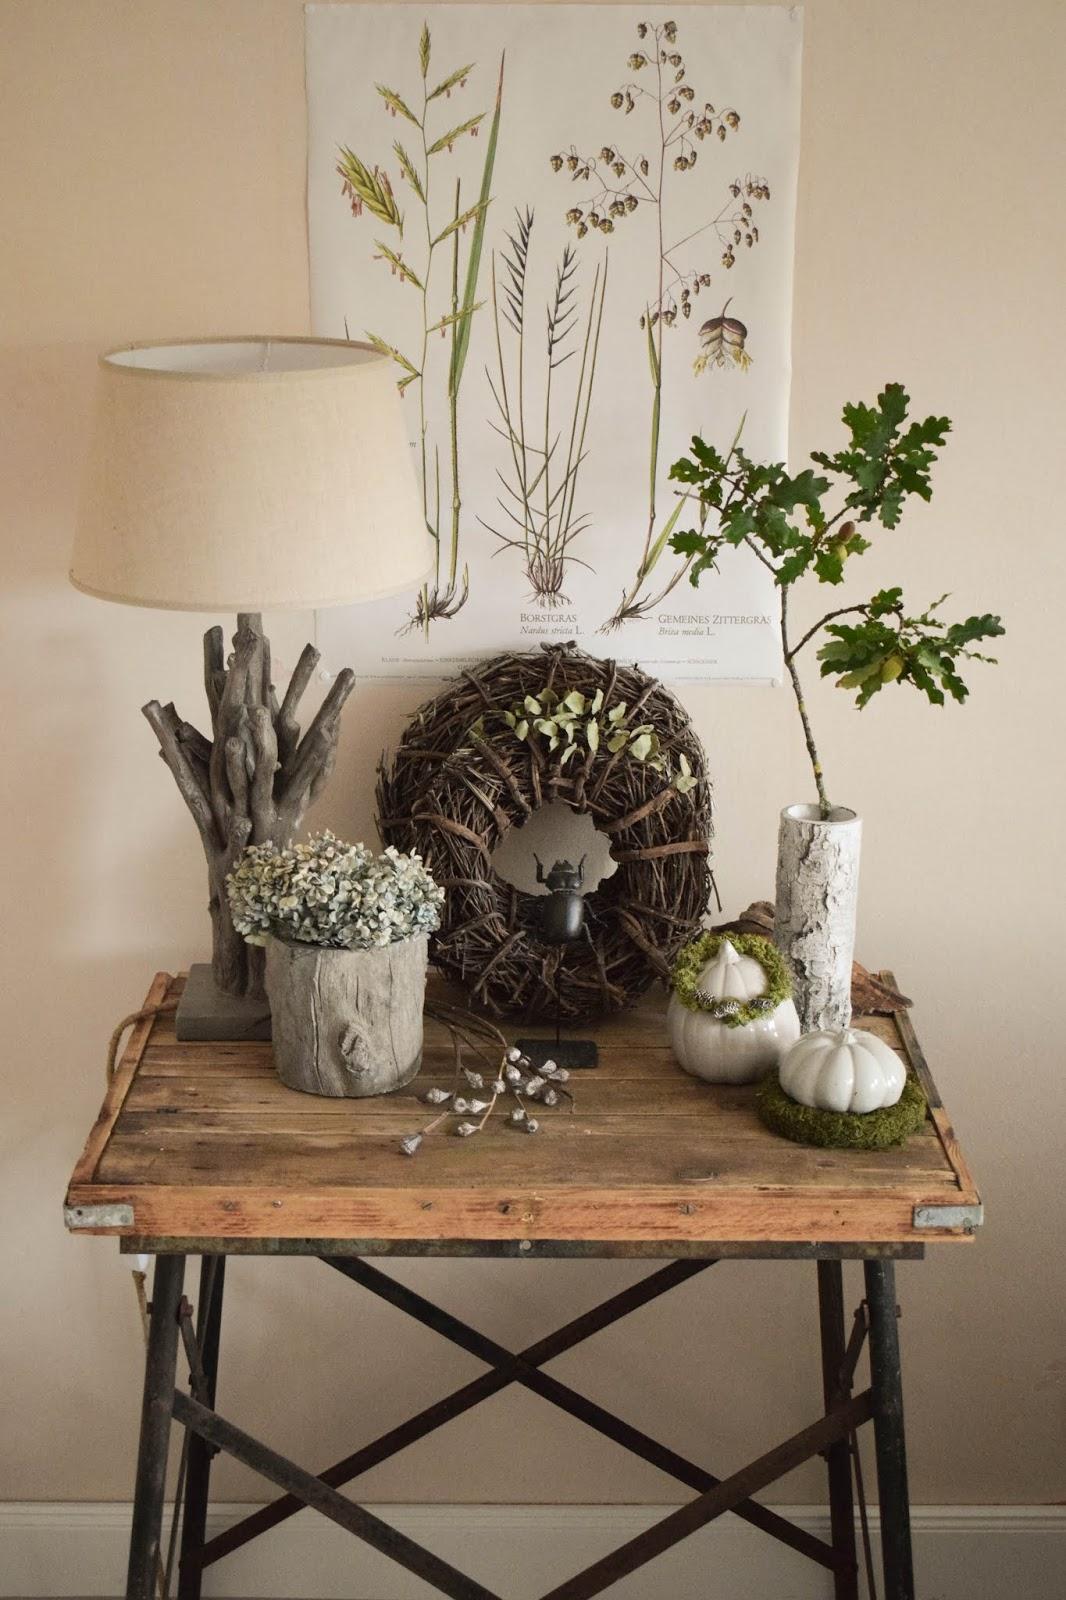 Deko Herbst für Konsole und Sideboard mit Eicheln. Herbstdeko Dekoidee Wohnzimmer Dekoration eiche eicheln botanisch natuerlich dekorieren 10